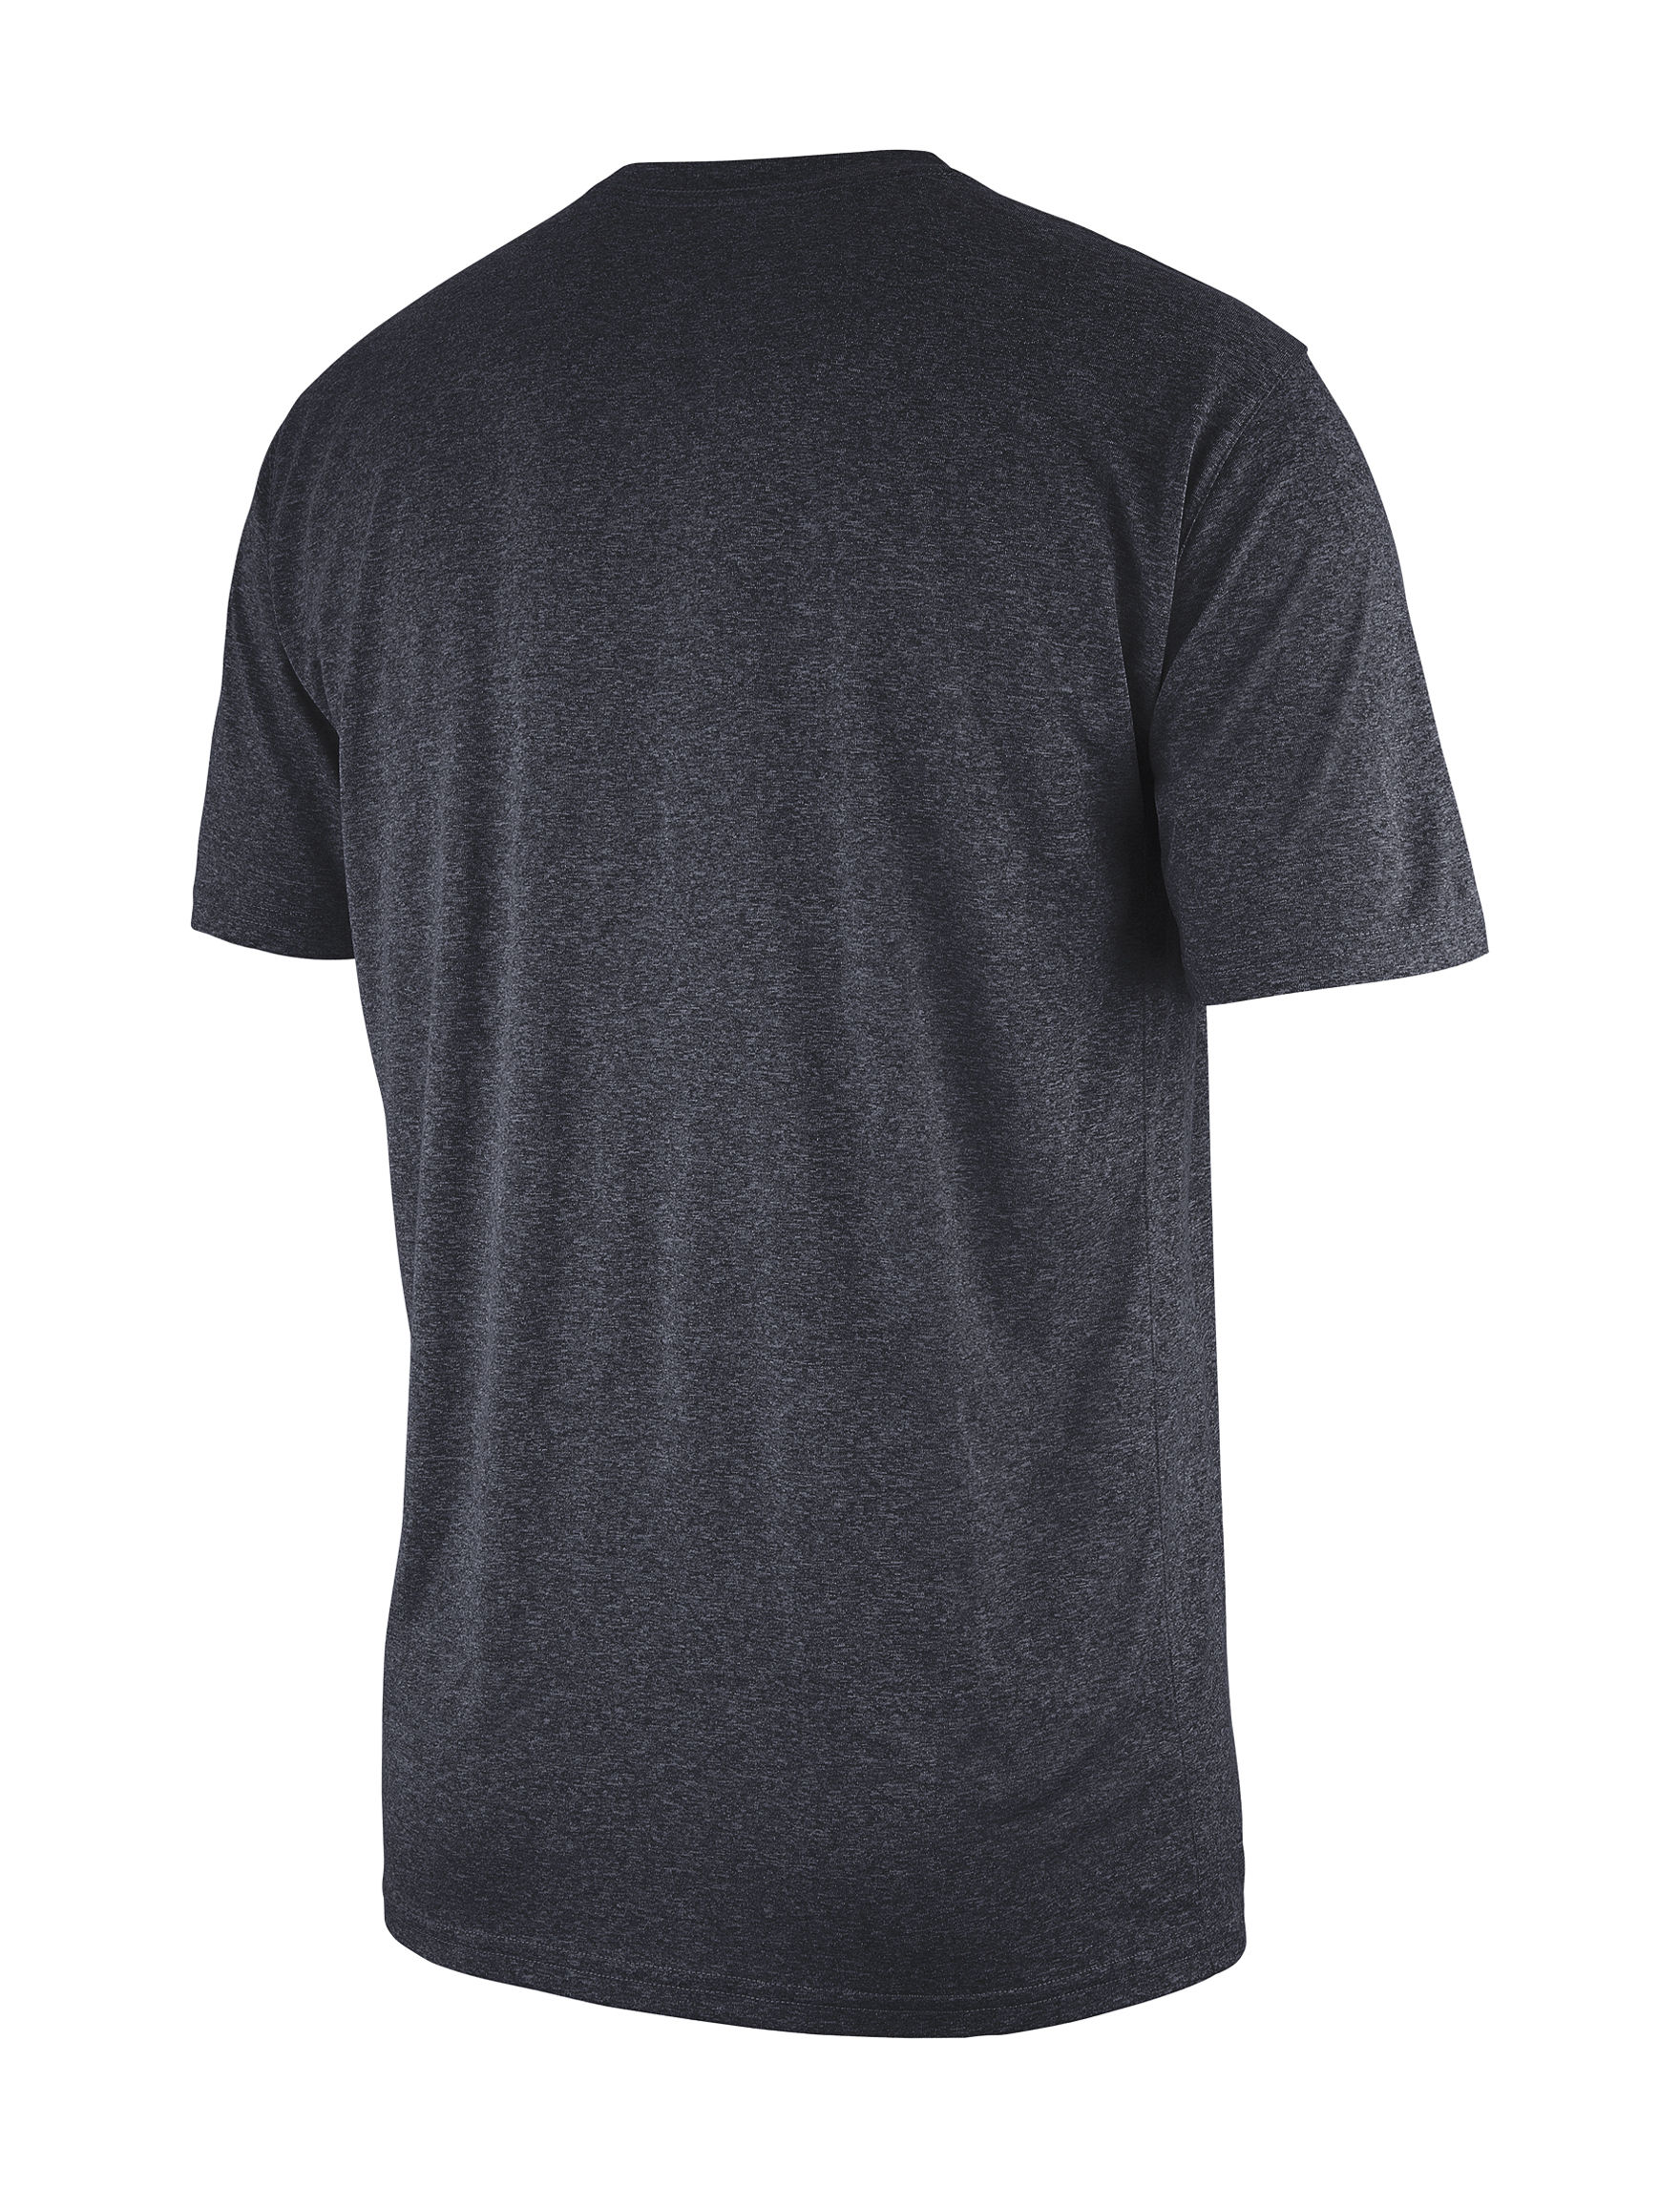 5d834b2f5 Nike Big & Tall Dri-FIT Legend Camo Swoosh Training T-shirt | Stage Stores